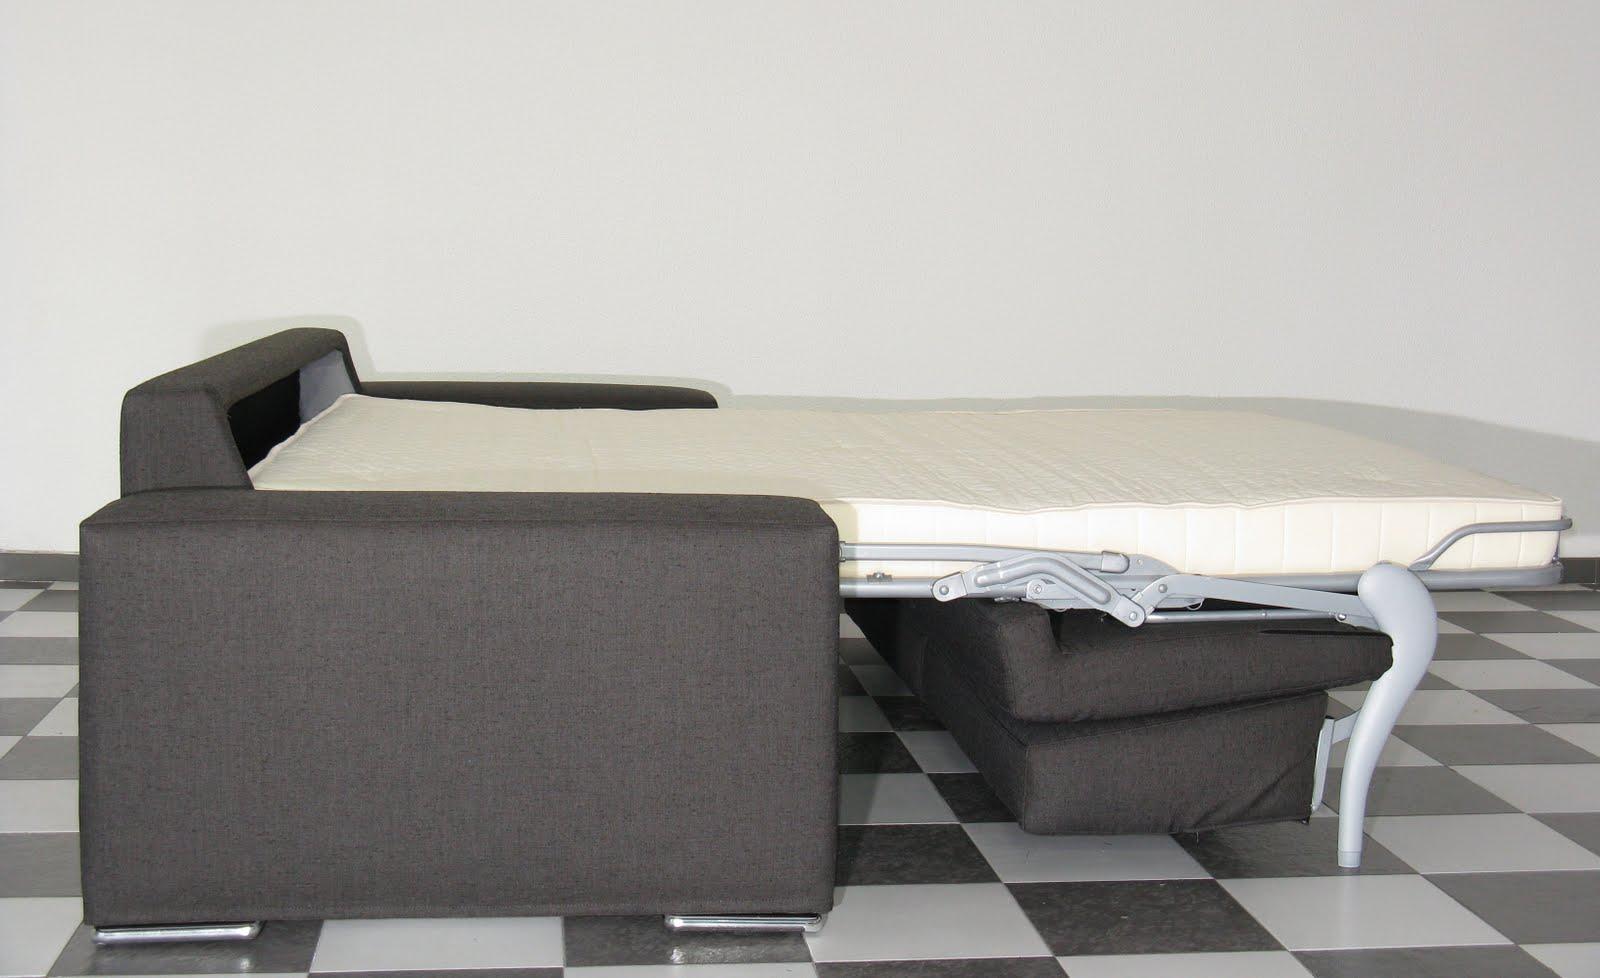 Divani blog tino mariani i divani letto moderni e divani letto classici for Divani e divani divani letto